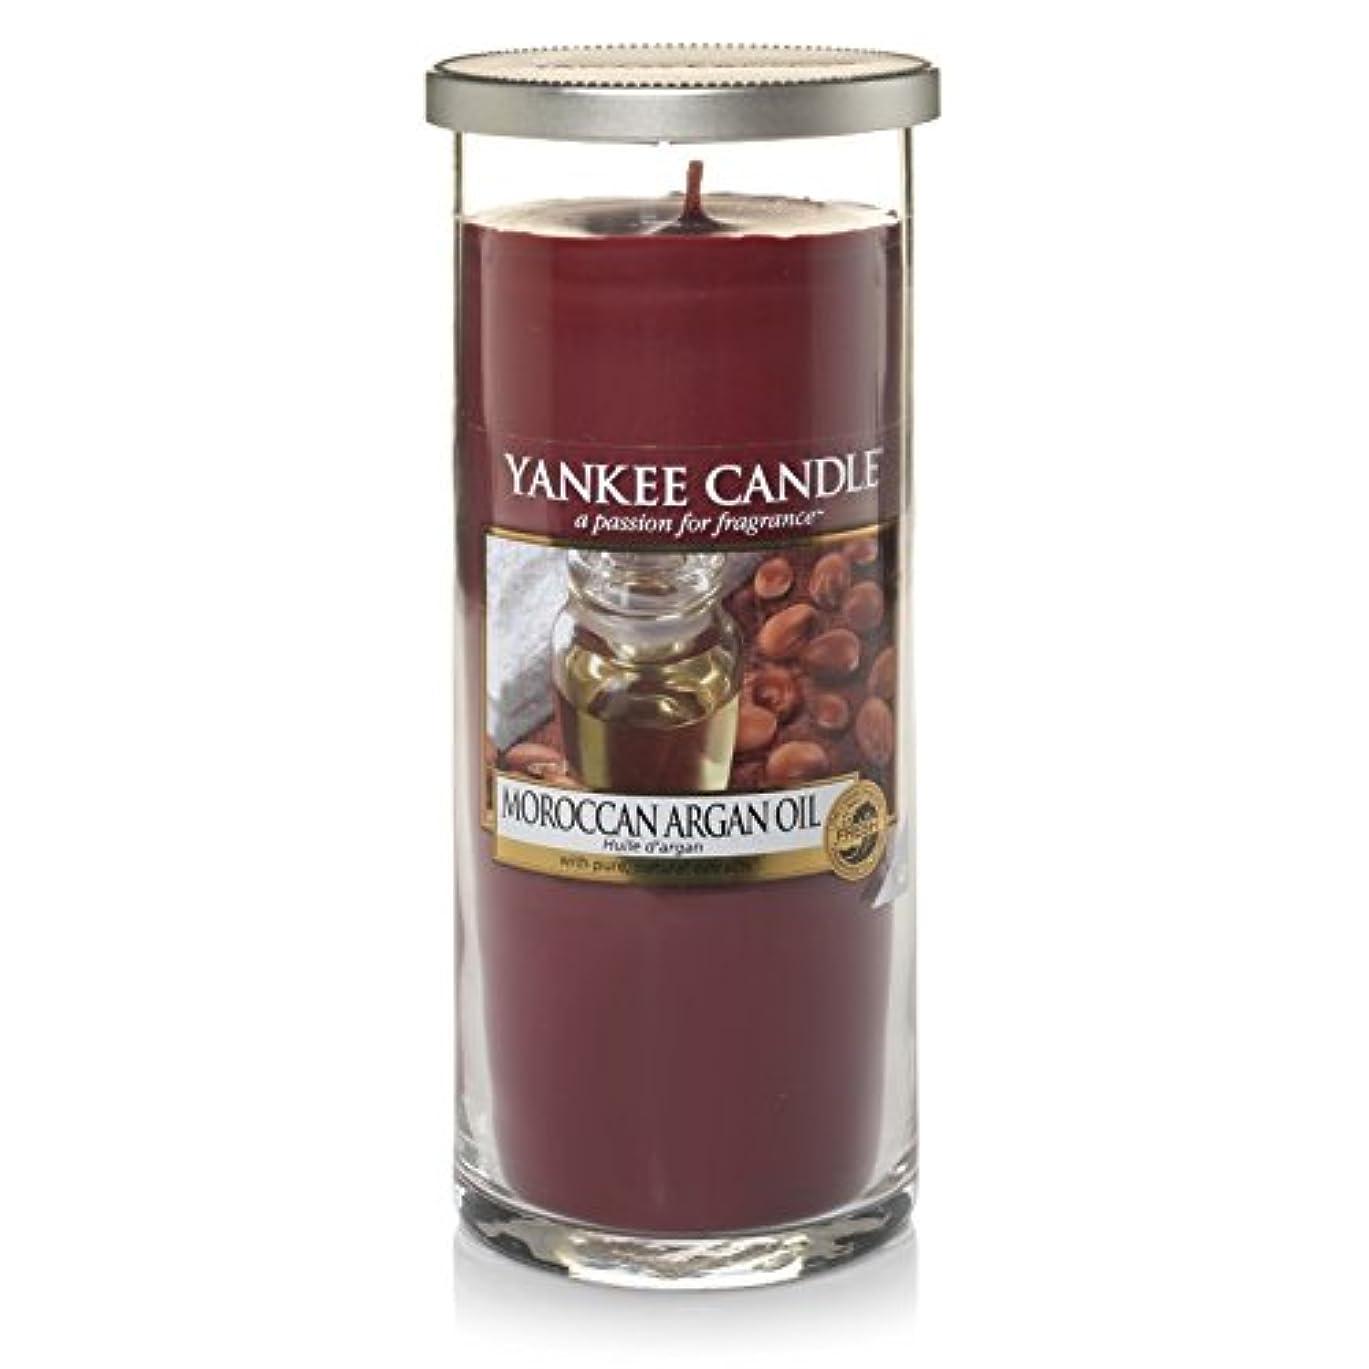 ホールドオール呪われた許さないYankee Candles Large Pillar Candle - Moroccan Argan Oil (Pack of 2) - ヤンキーキャンドル大きな柱キャンドル - モロッコアルガンオイル (x2) [並行輸入品]